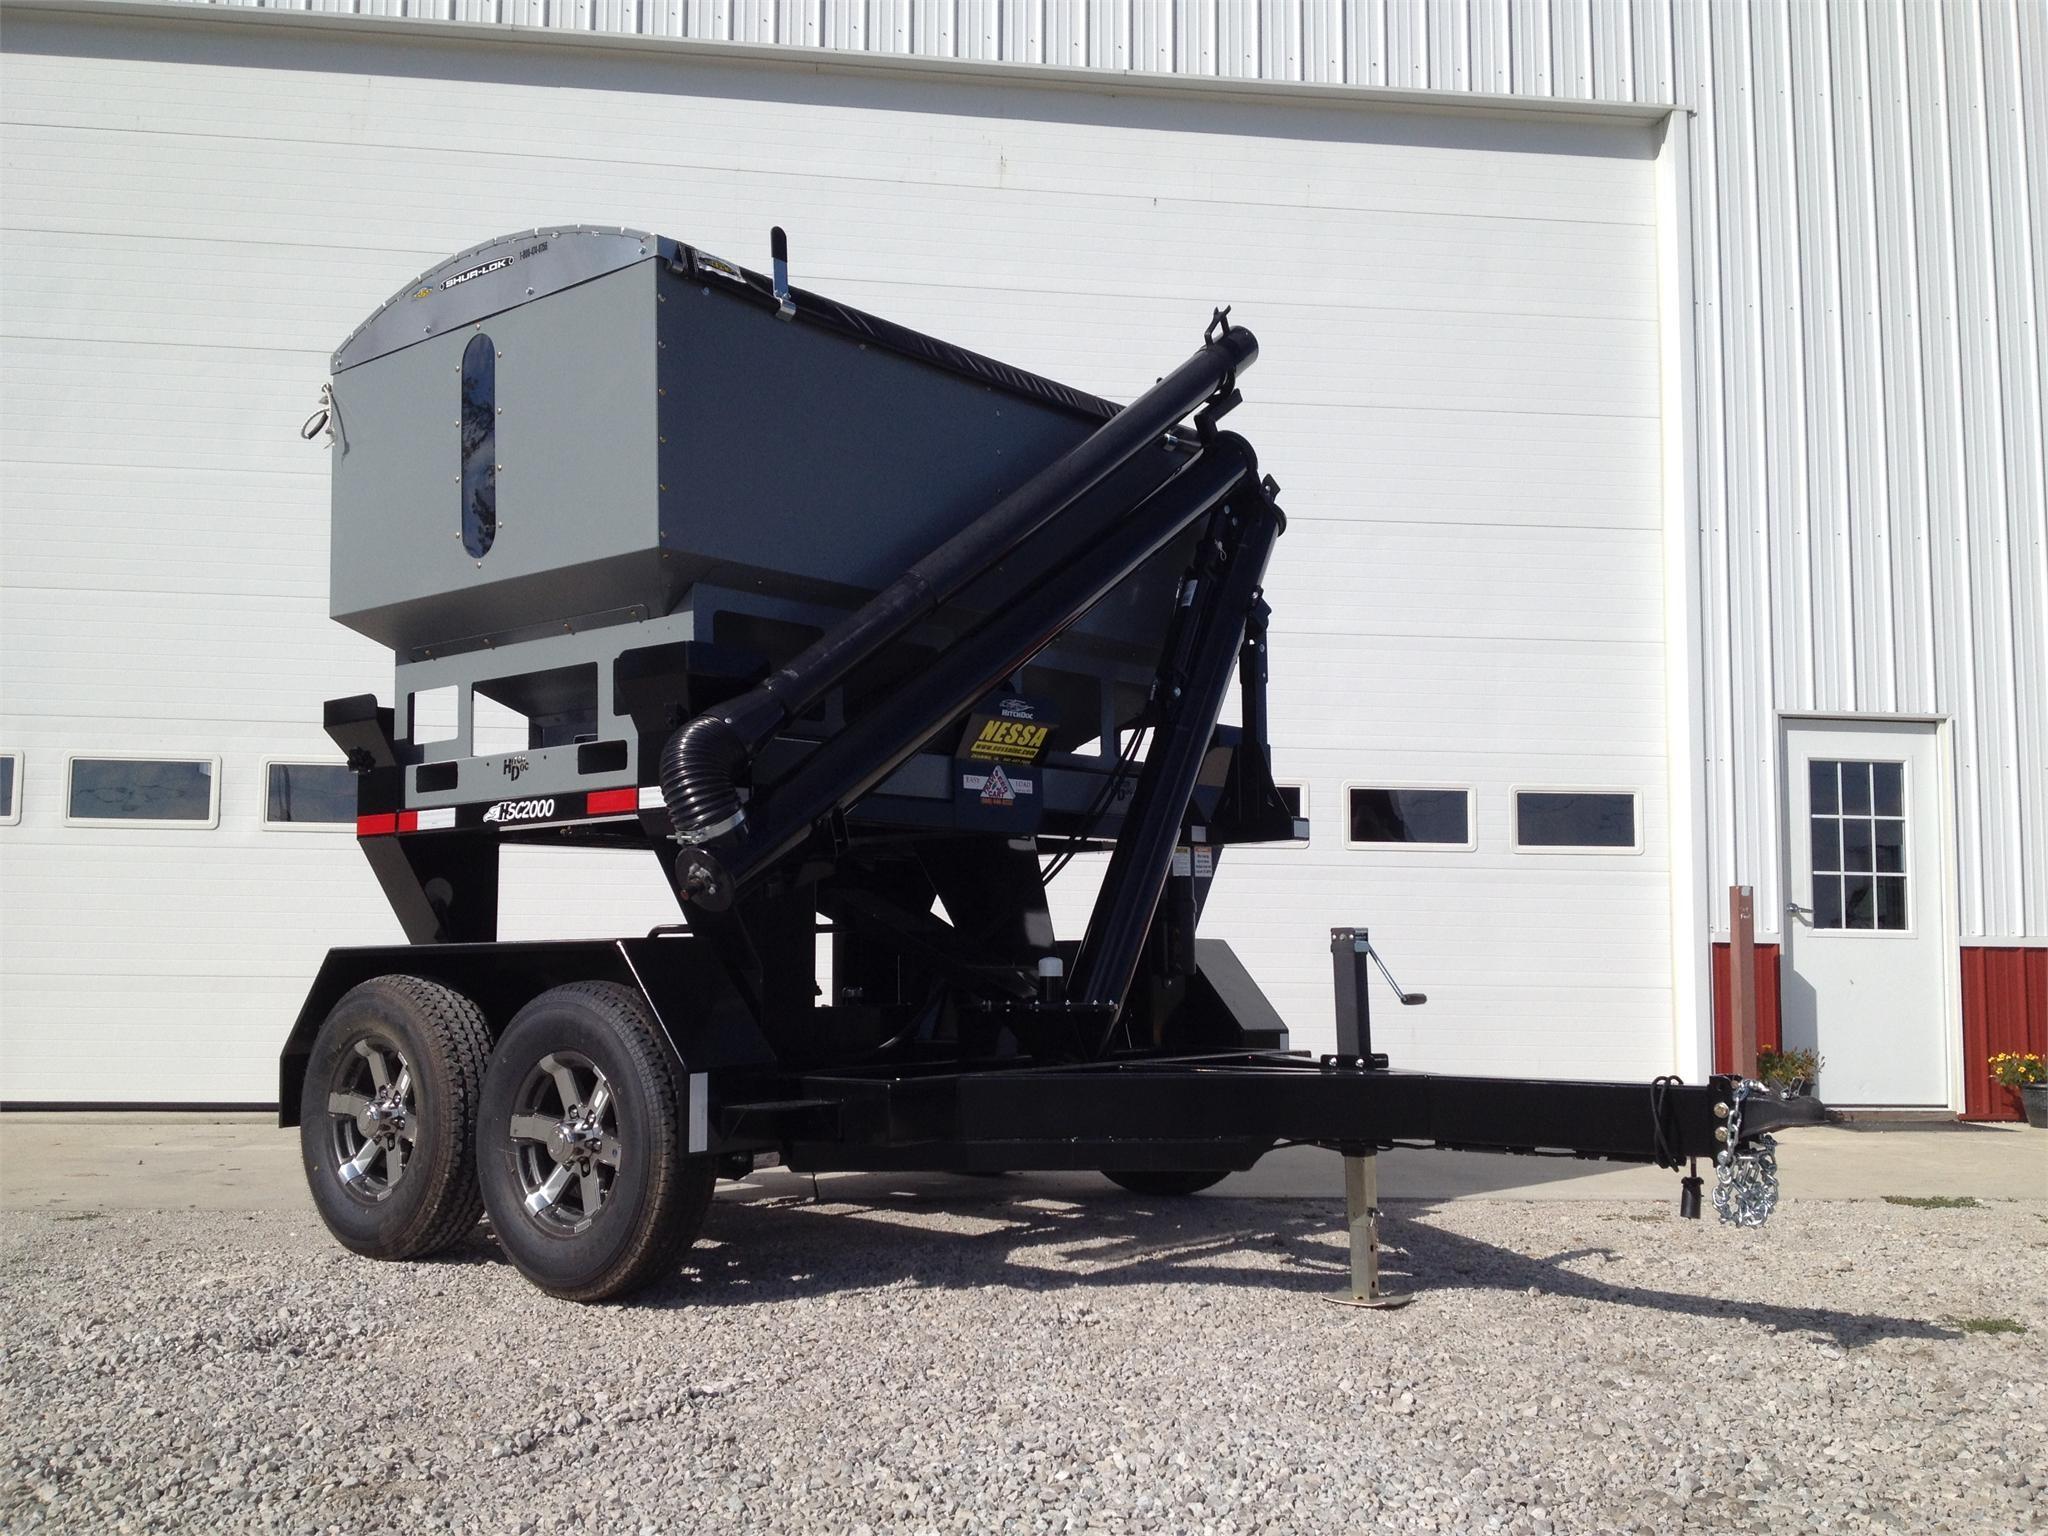 2022 Travis Seed Cart HSC2000 Seed Tender